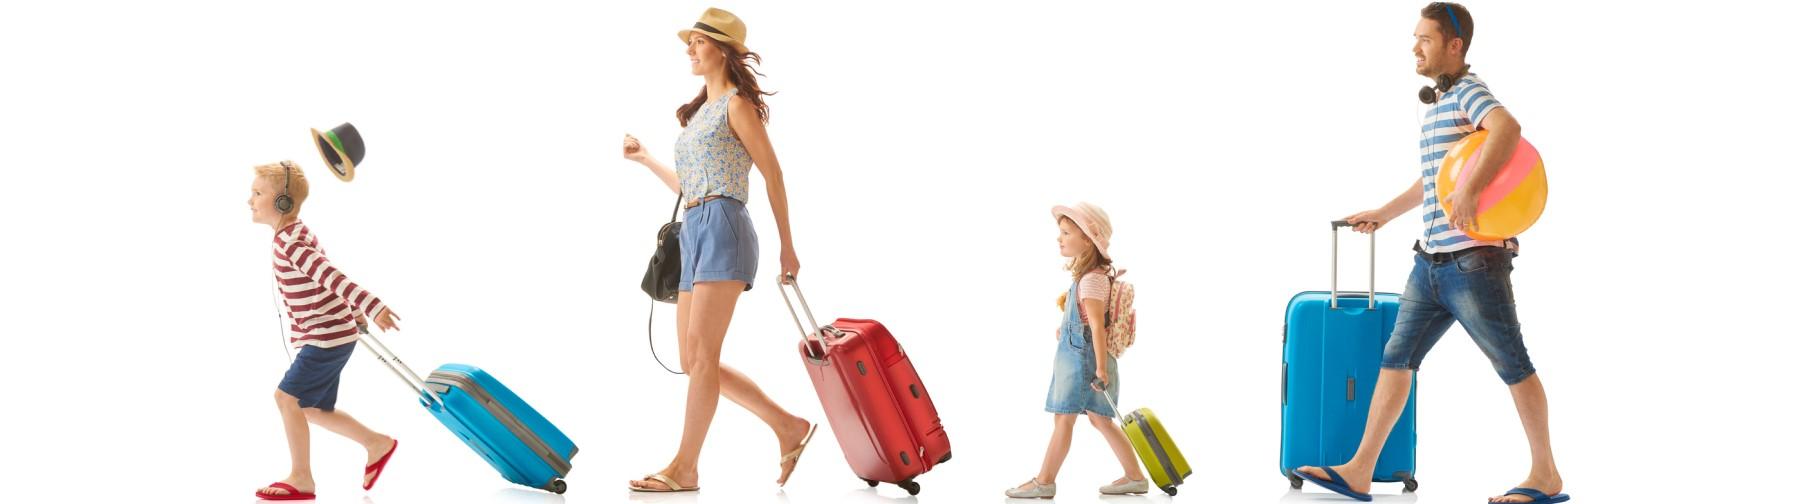 Urlaubszeit: Hochwertige Security rund ums Reisen